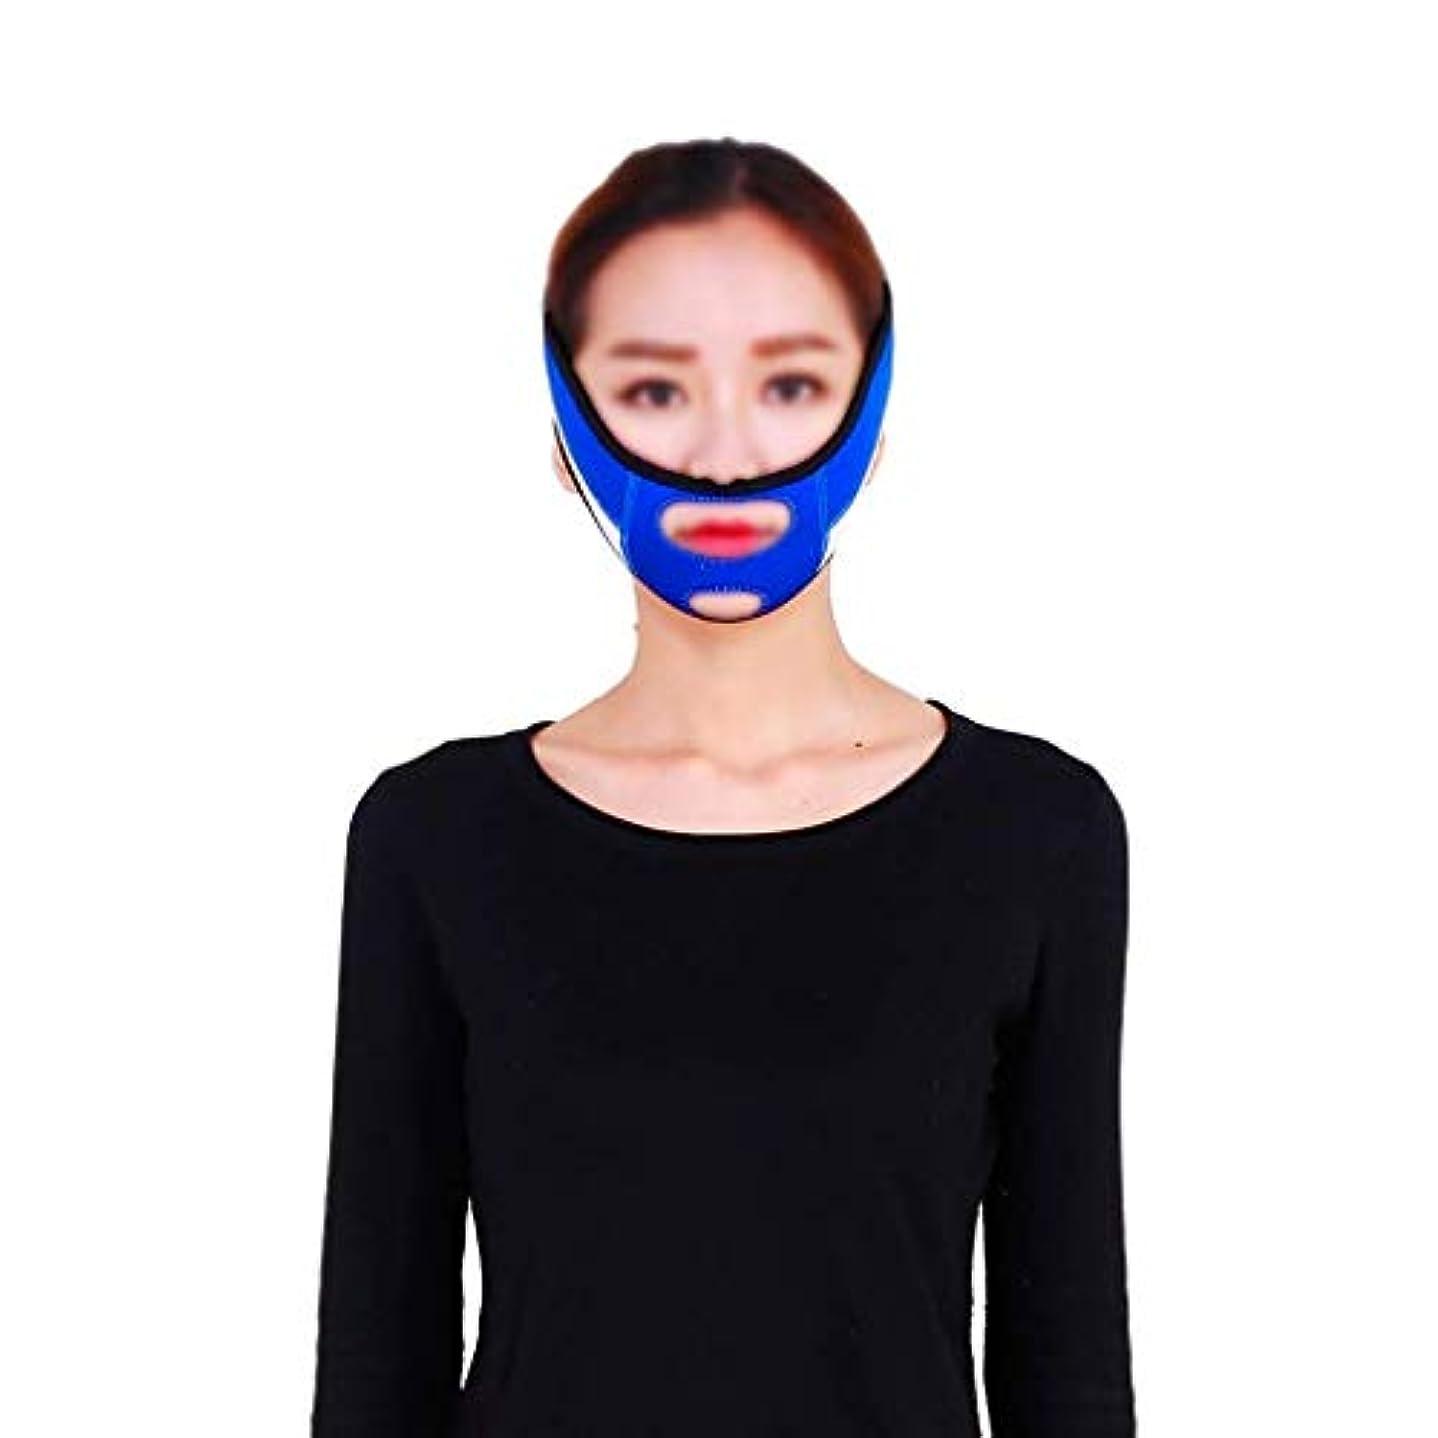 階公使館アーティキュレーションファーミングフェイスマスク、スモールVフェイスアーティファクトリフティングマスク、口を調整して垂れ下がった肌を縮小滑り止め弾性ストレッチ包帯